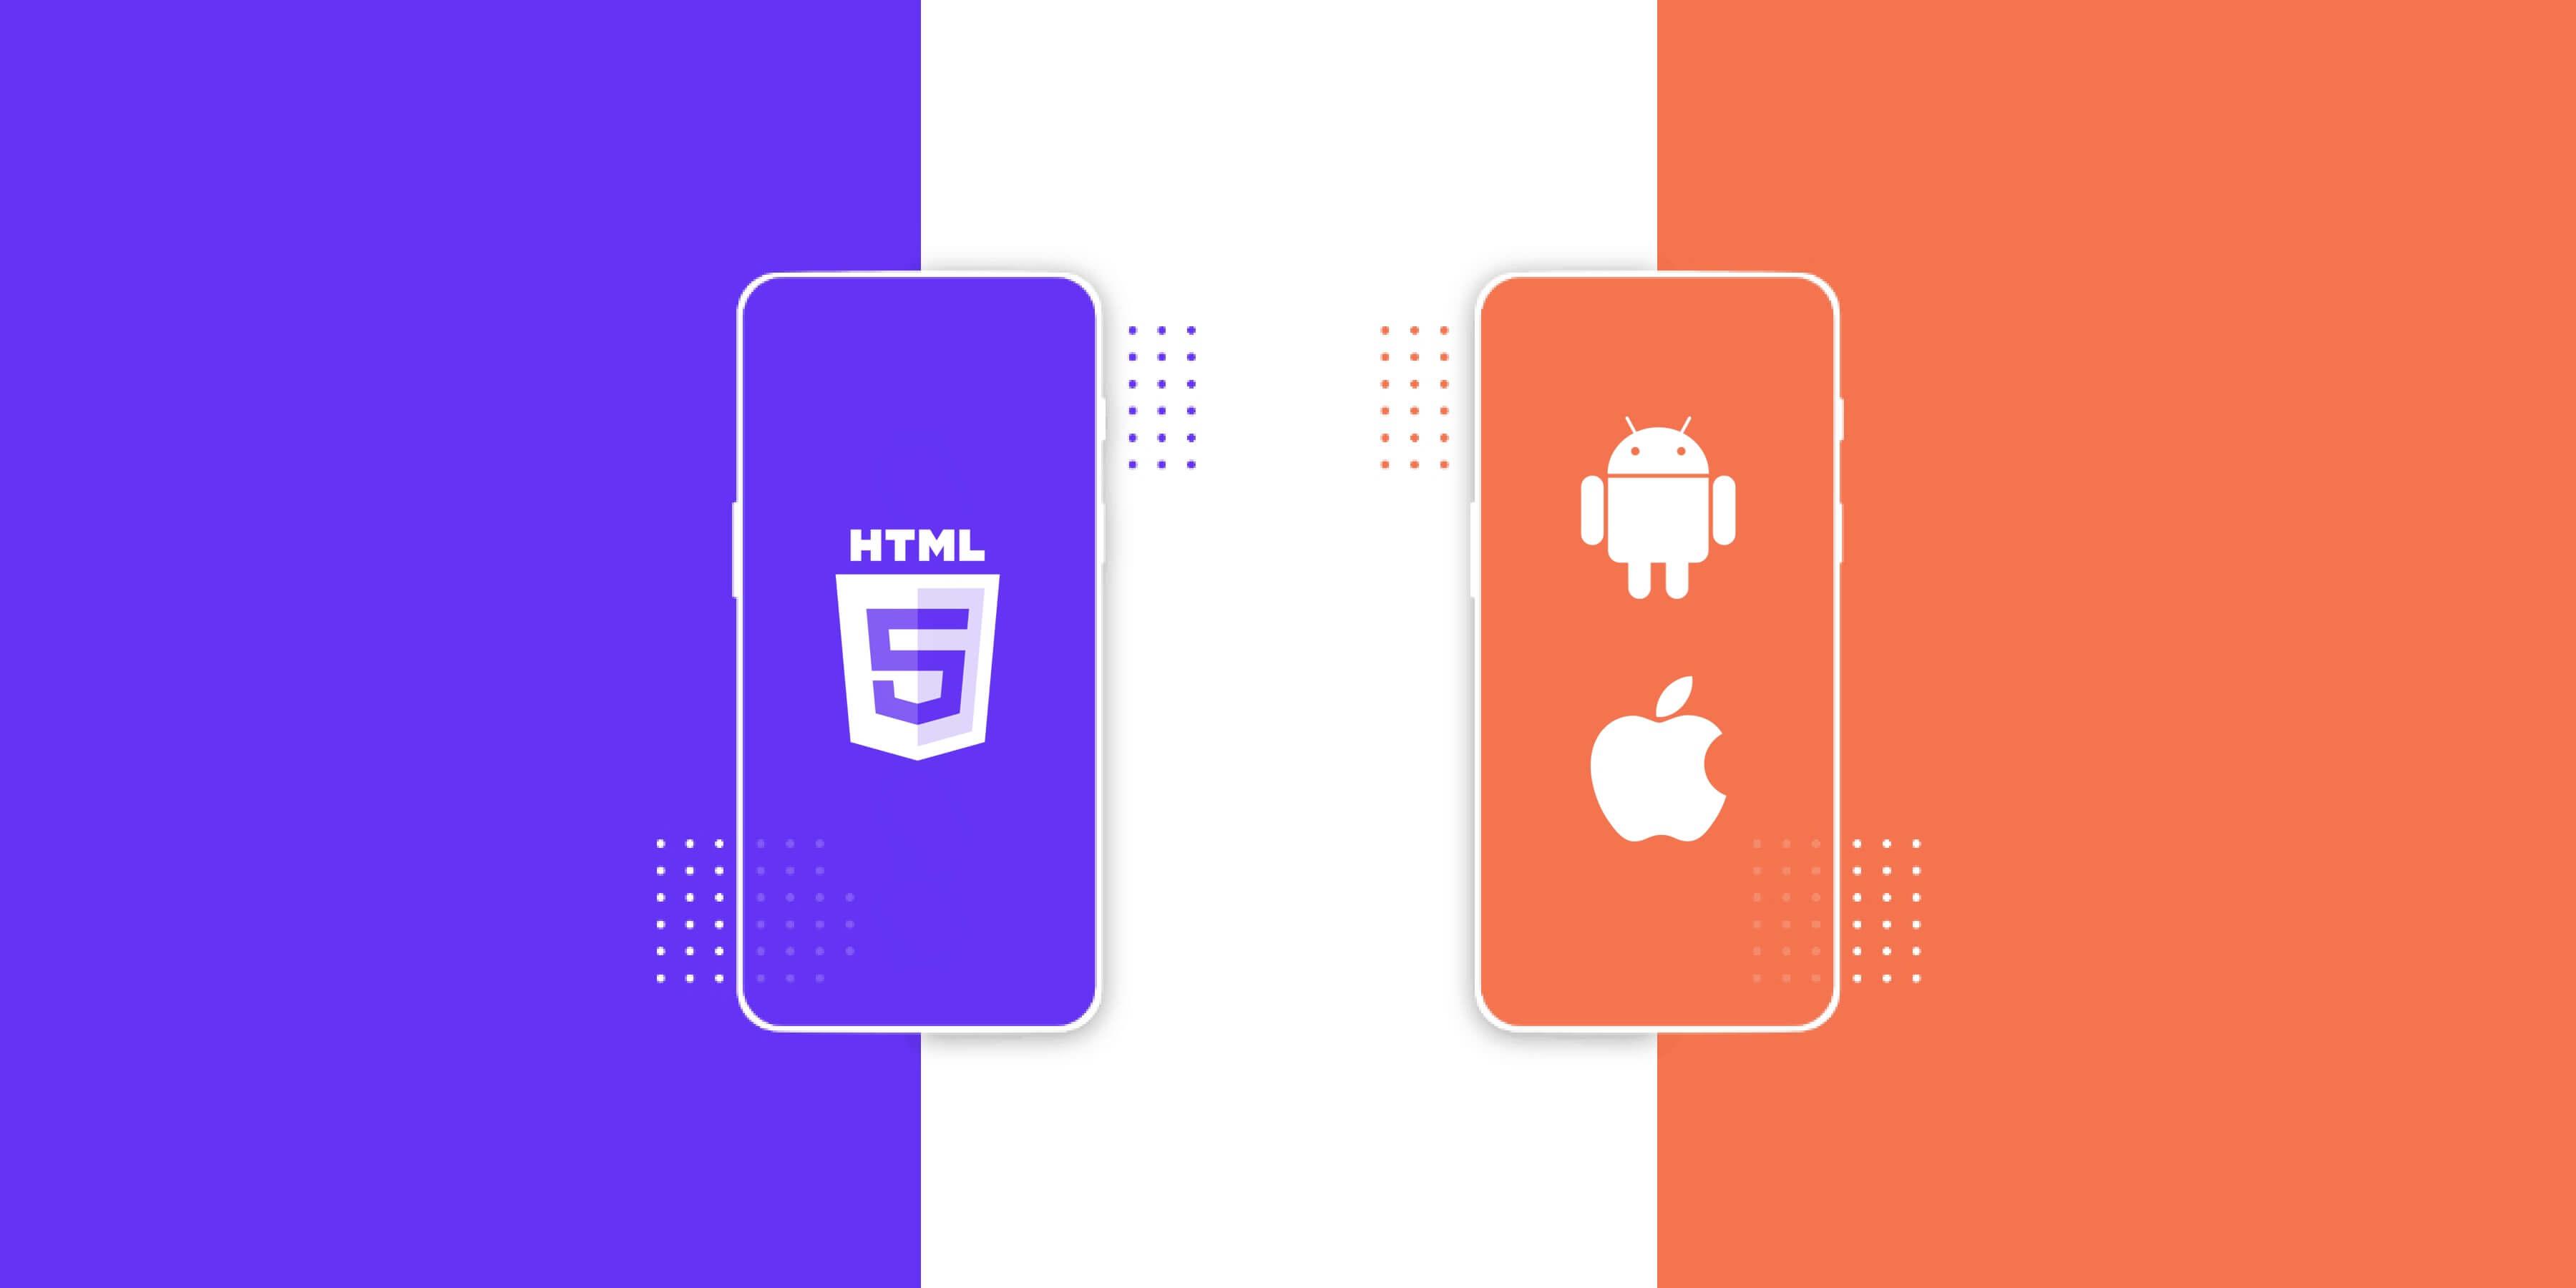 Native App oder Web App: Was ist besser?